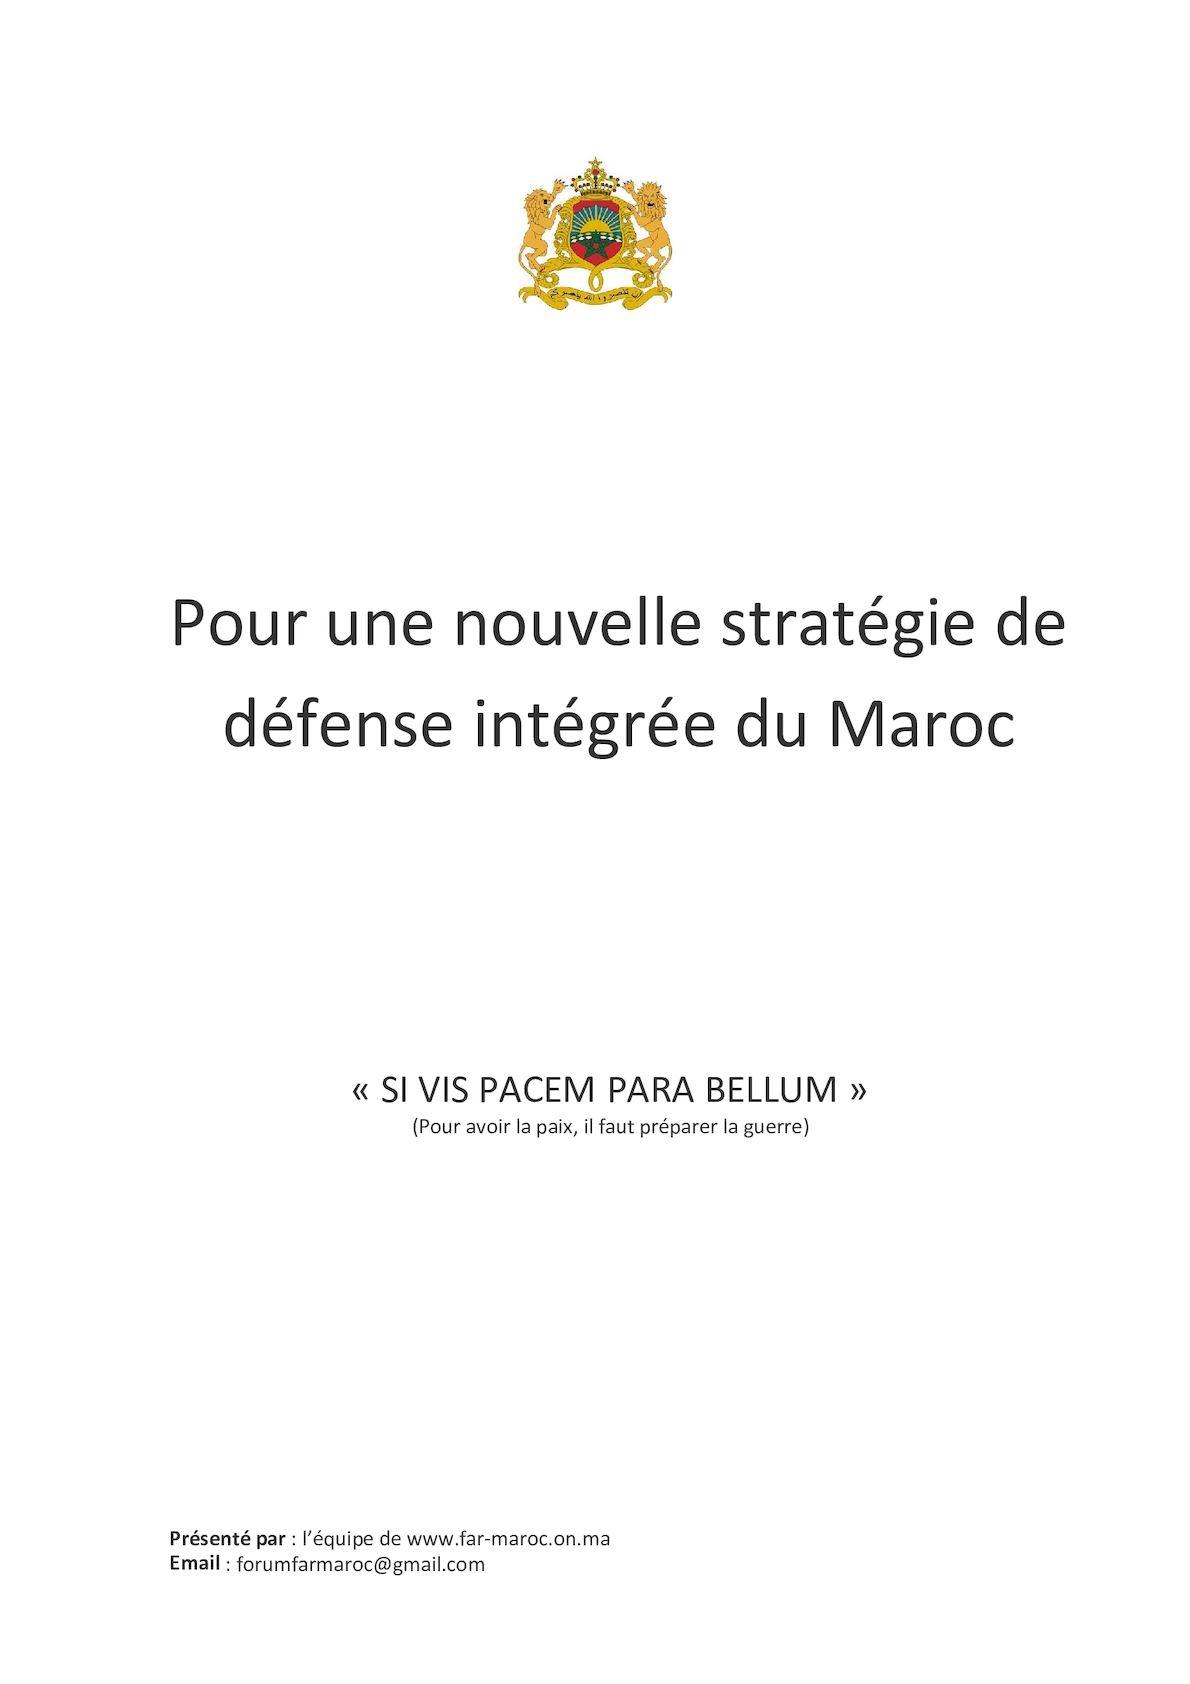 Pour Une Nouvelle Stratégie De Défense Intégrée Du Maroc